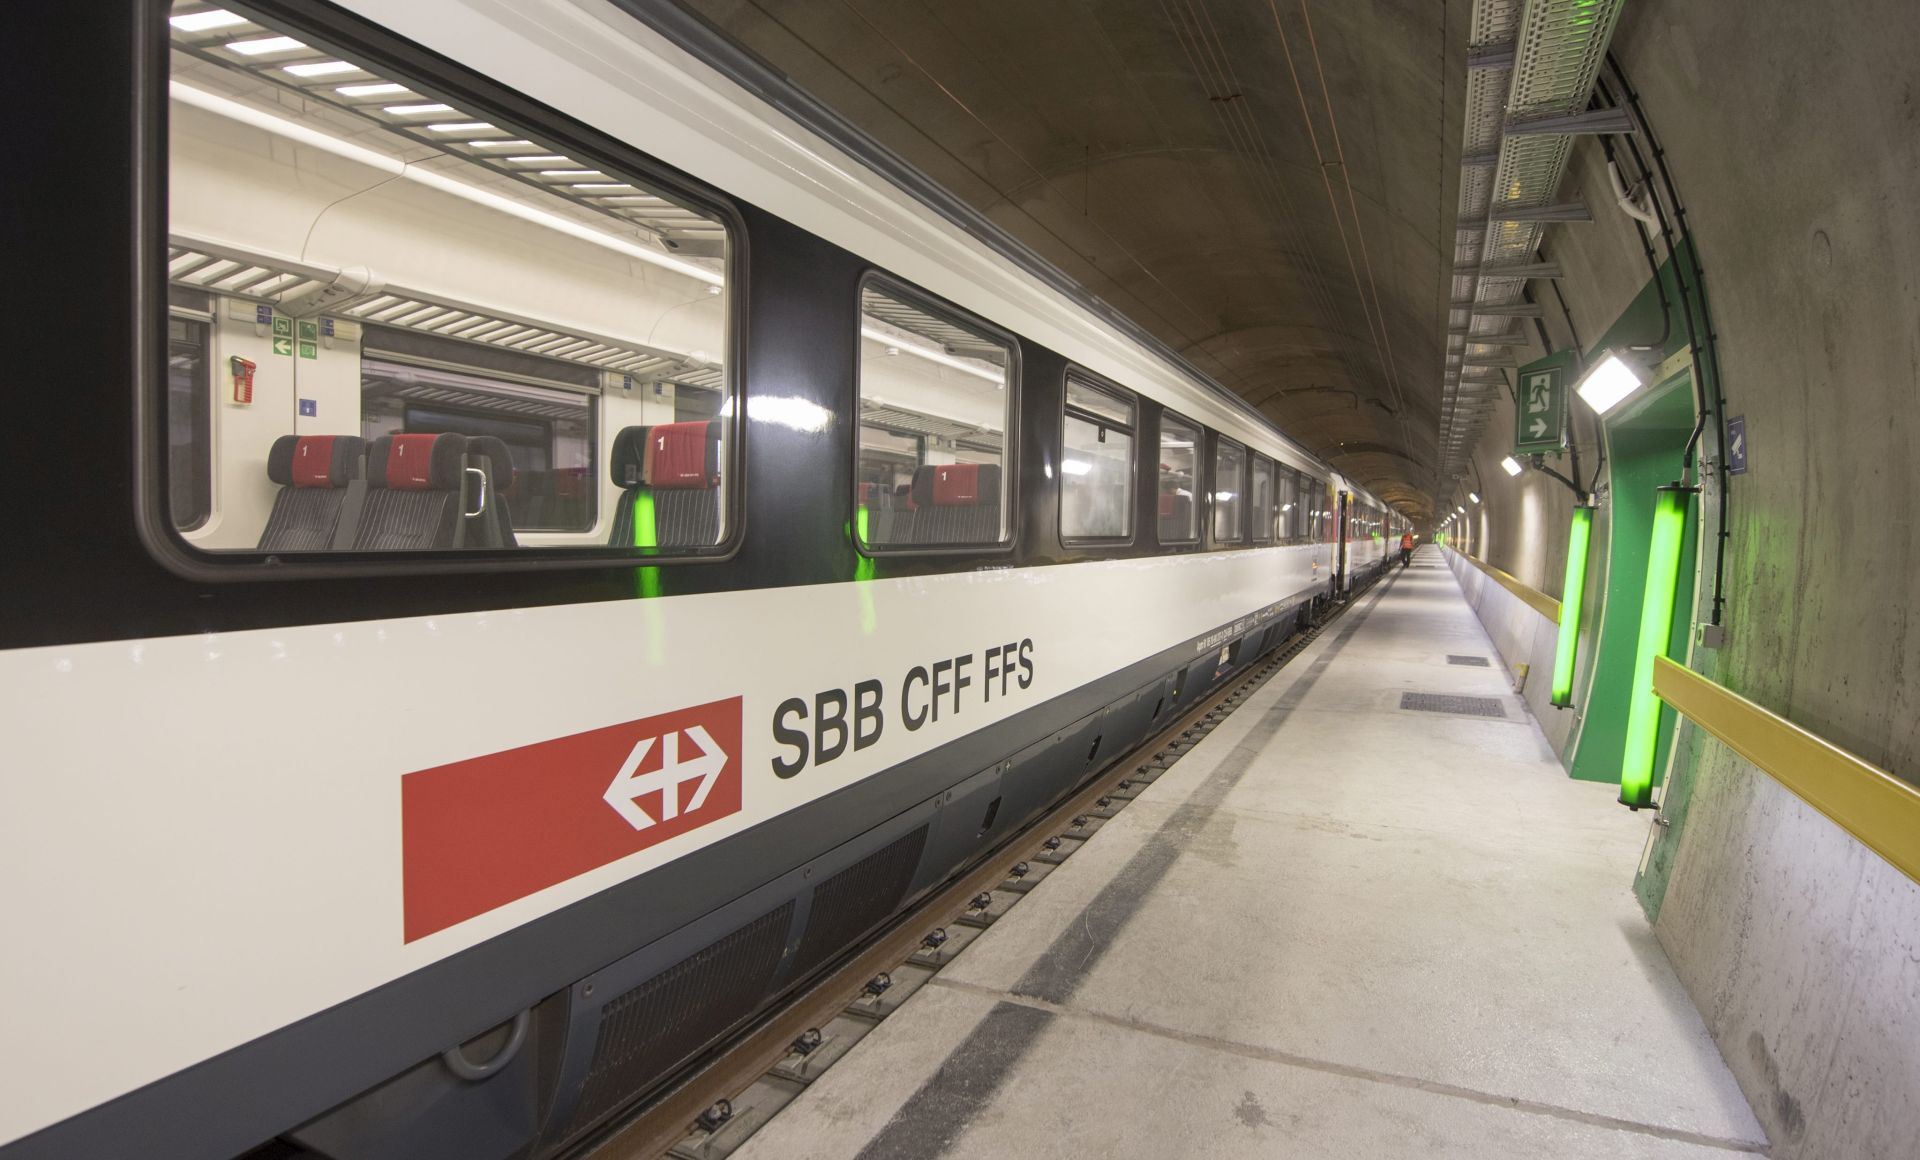 NAPAD U ŠVICARSKOJ: Muškarac nožem i zapaljivom tekućinom ranio šest osoba u vlaku